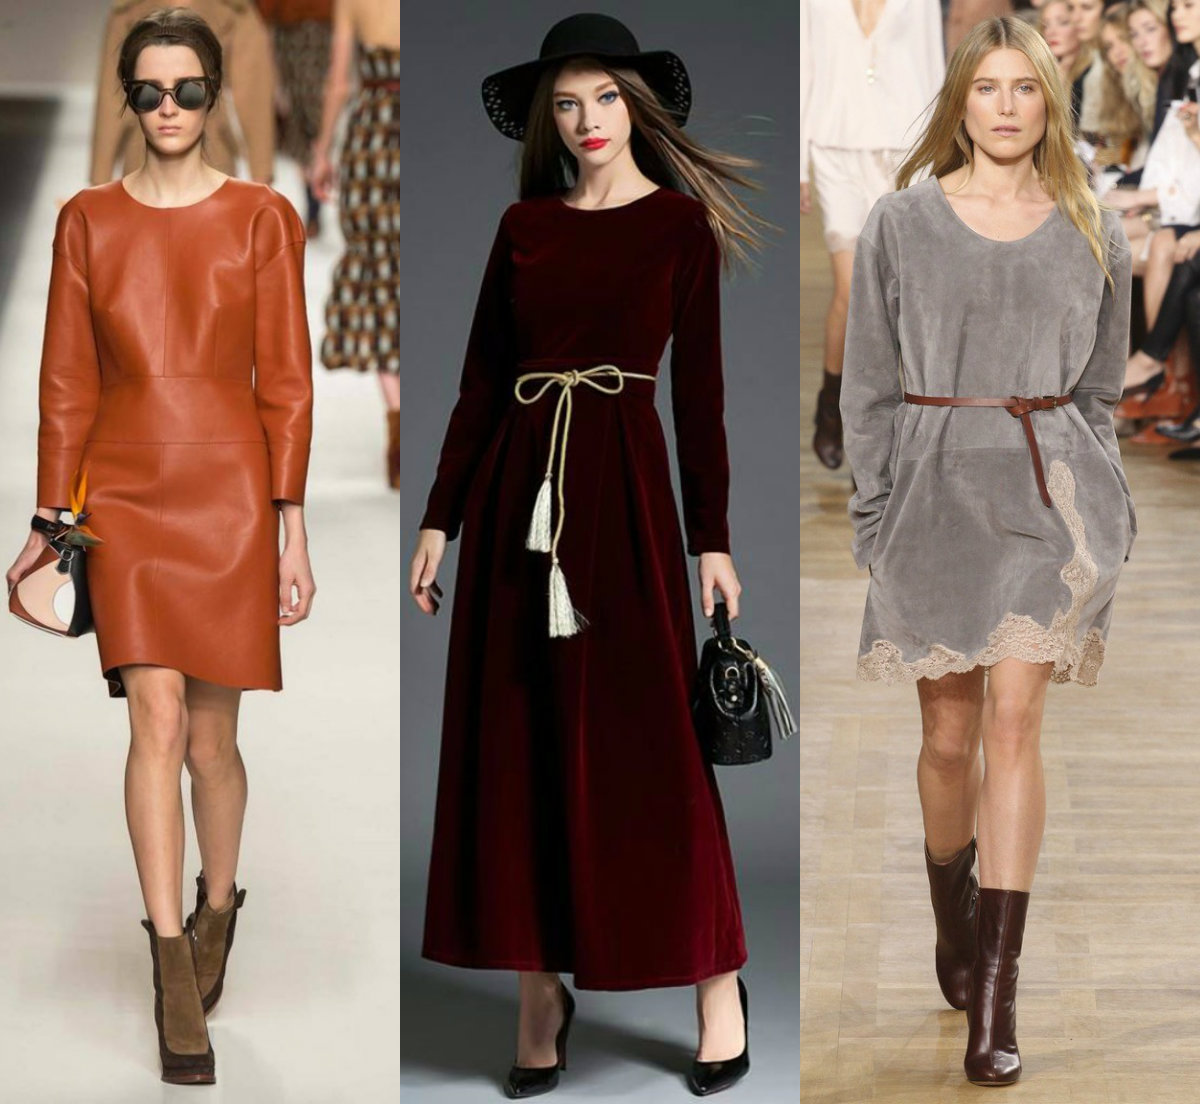 модные тенденции платьев 2019: кожаны, зампевыен и бархатные наряды